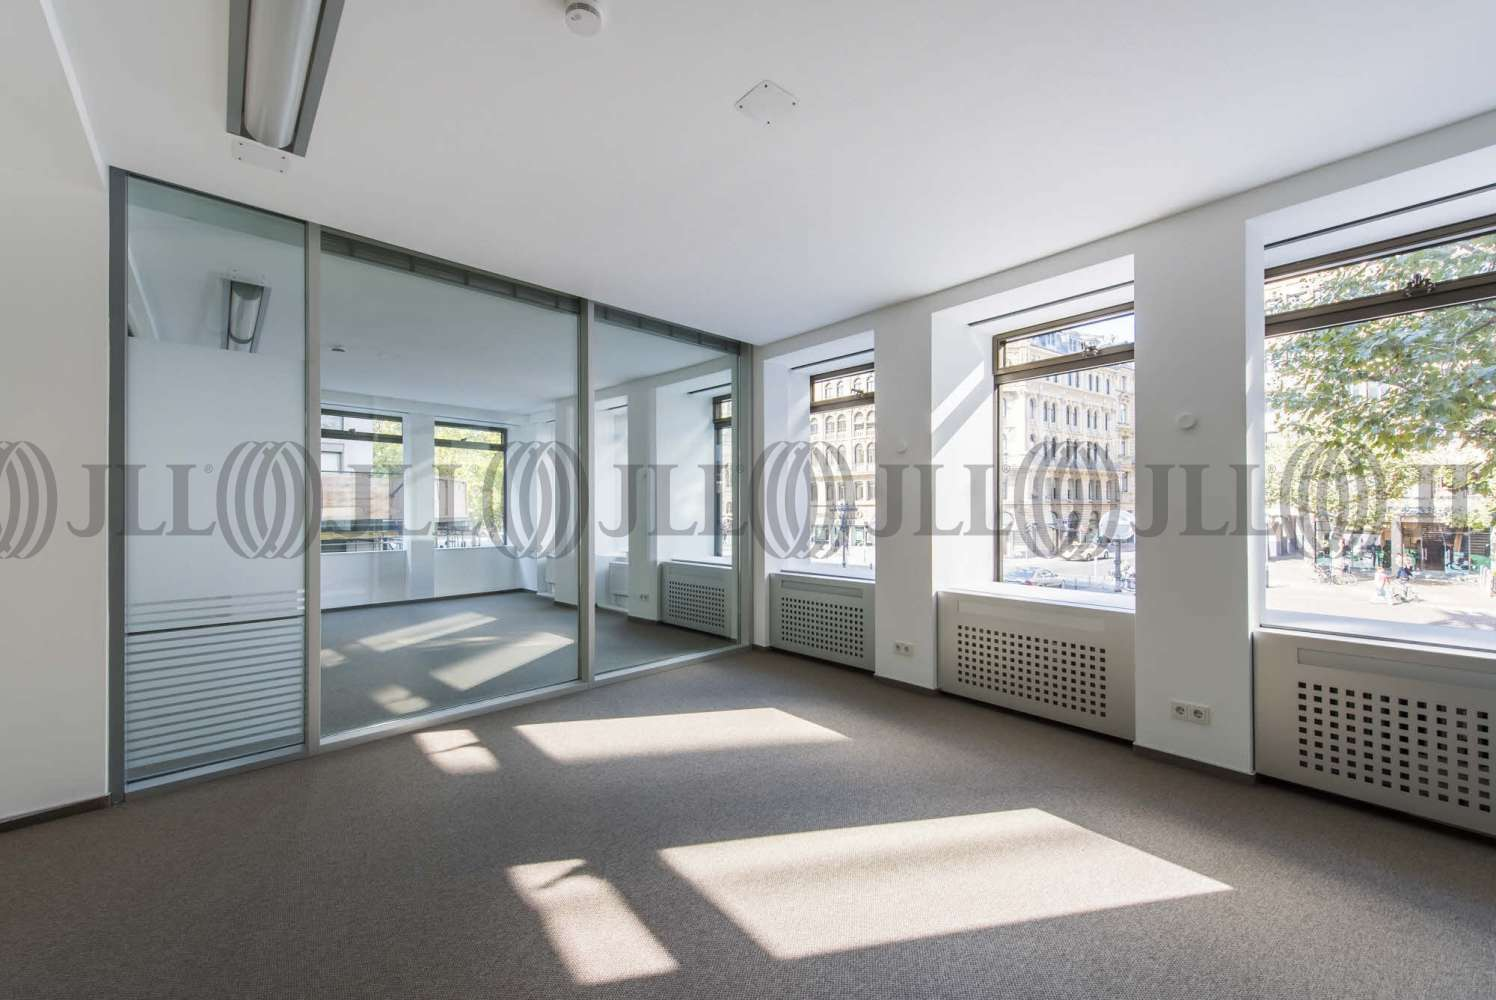 Büros Frankfurt am main, 60311 - Büro - Frankfurt am Main, Innenstadt - F0088 - 9589079